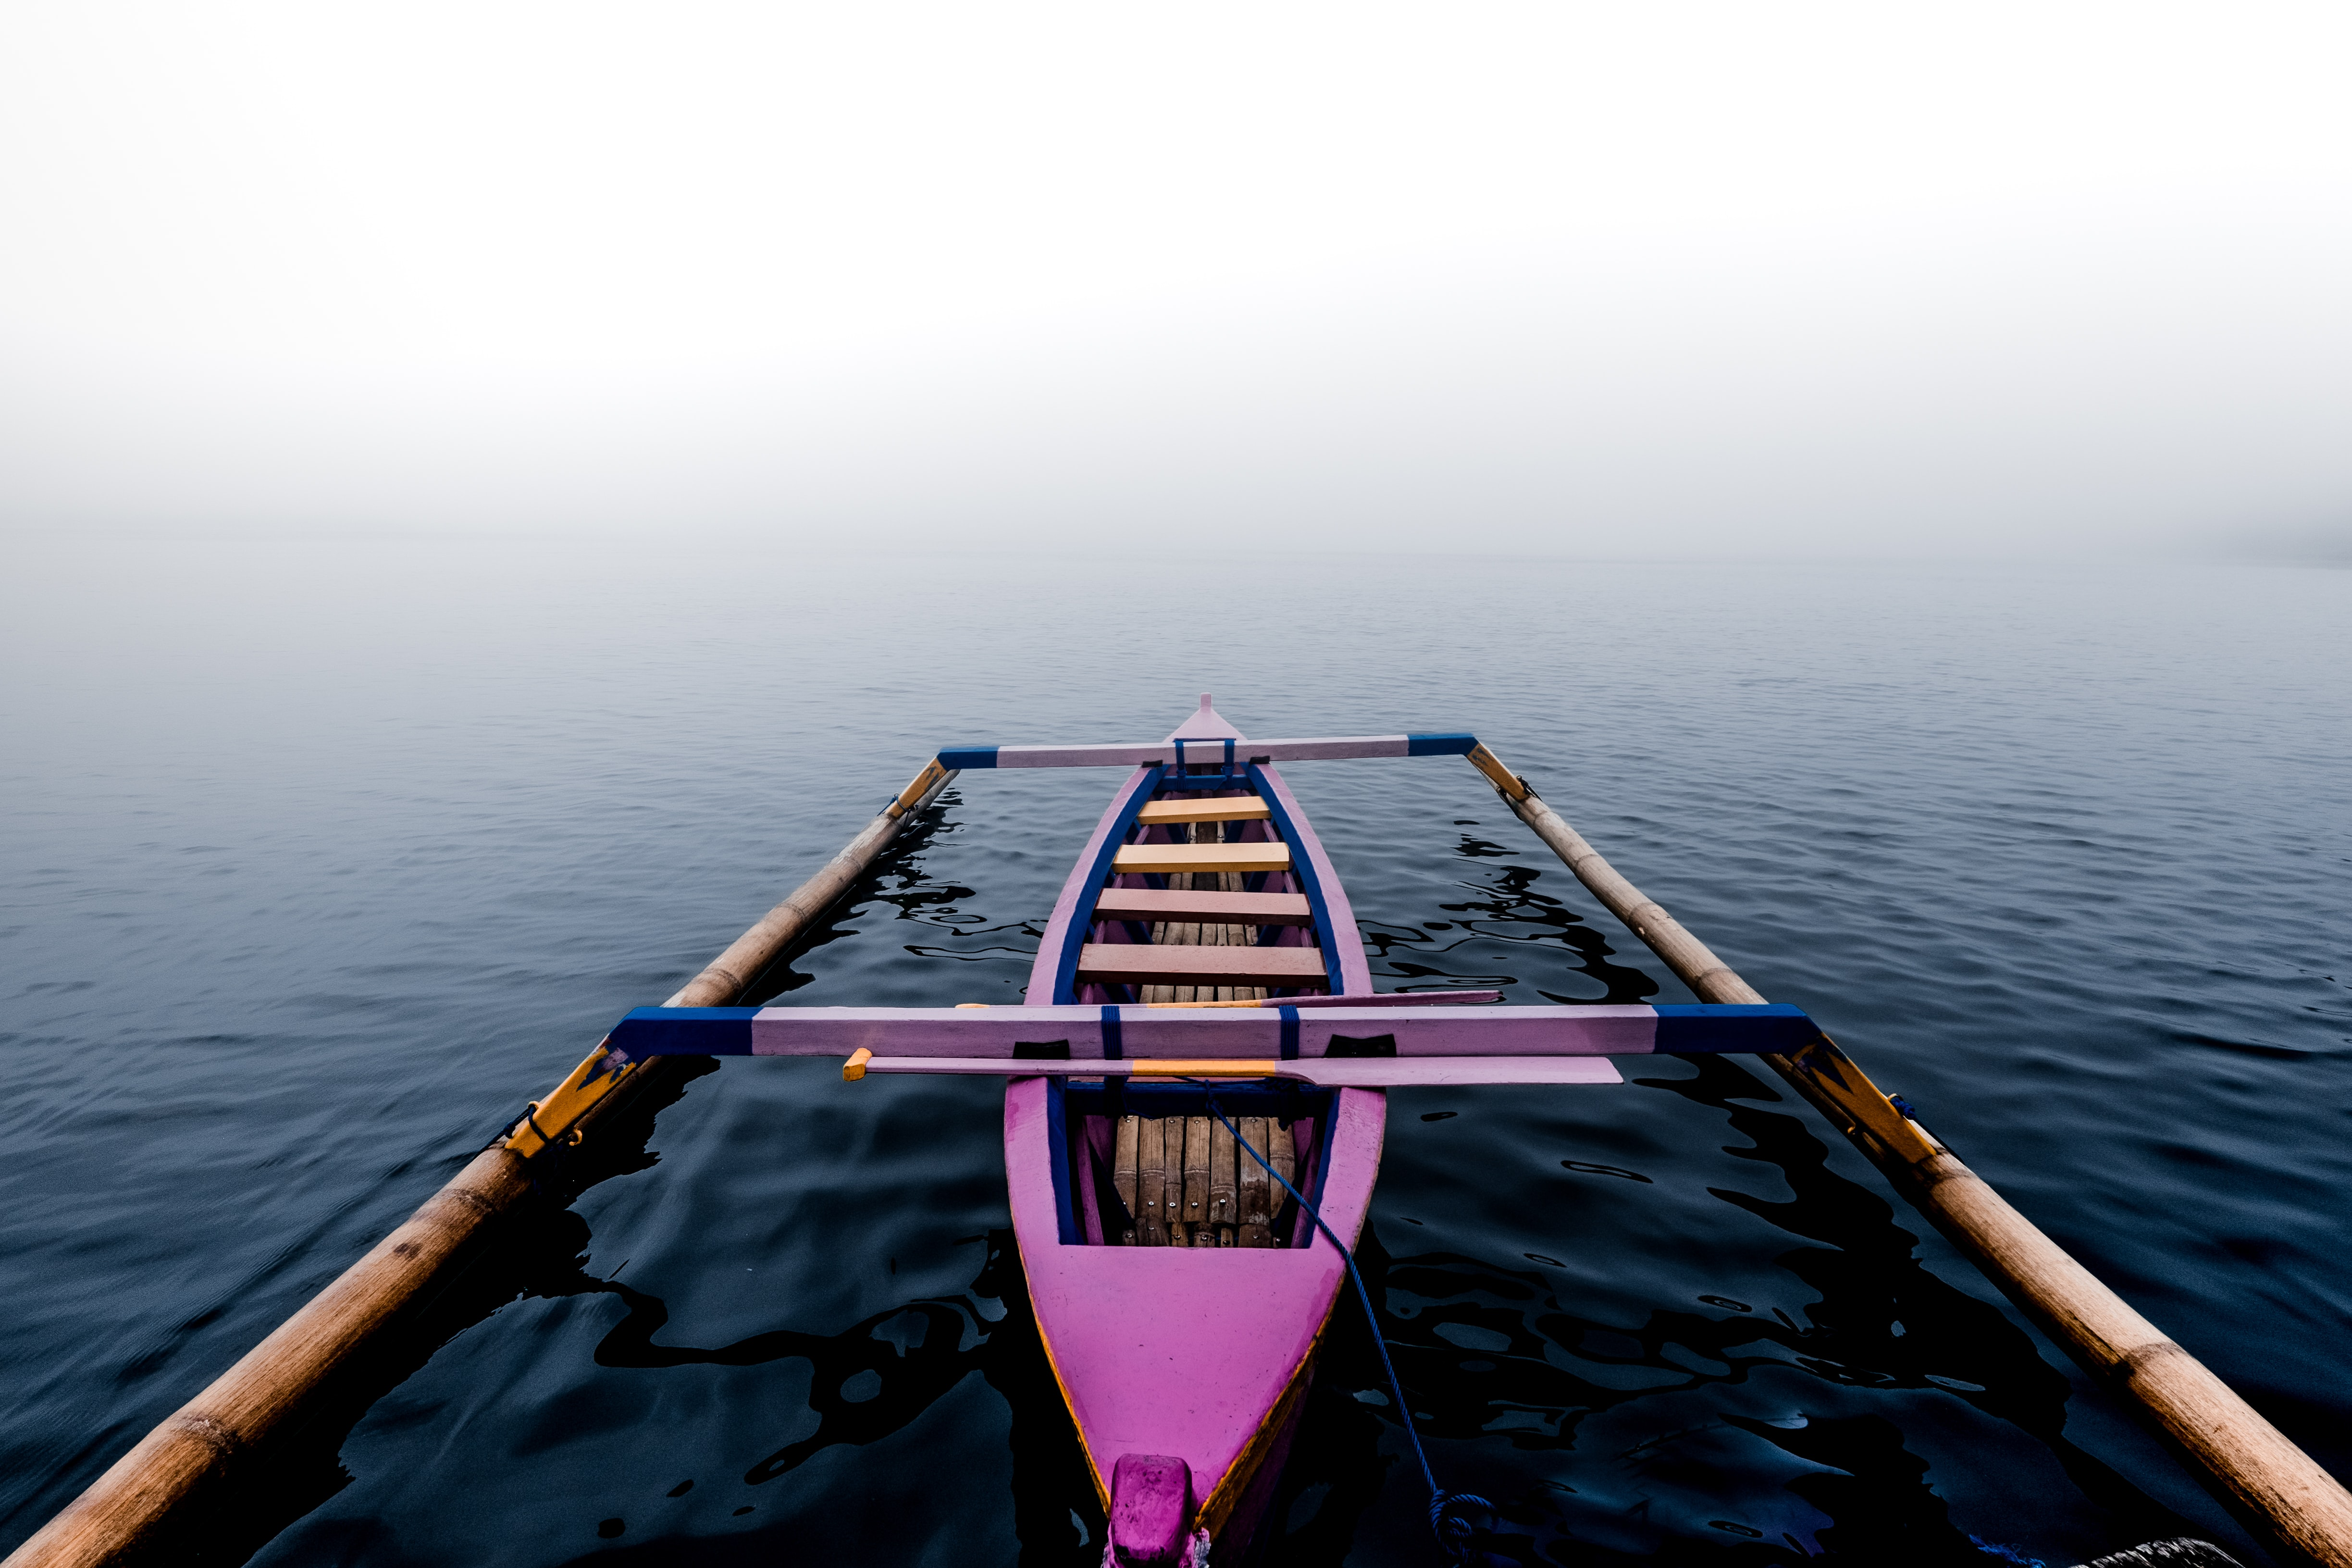 pink kayak on body of water